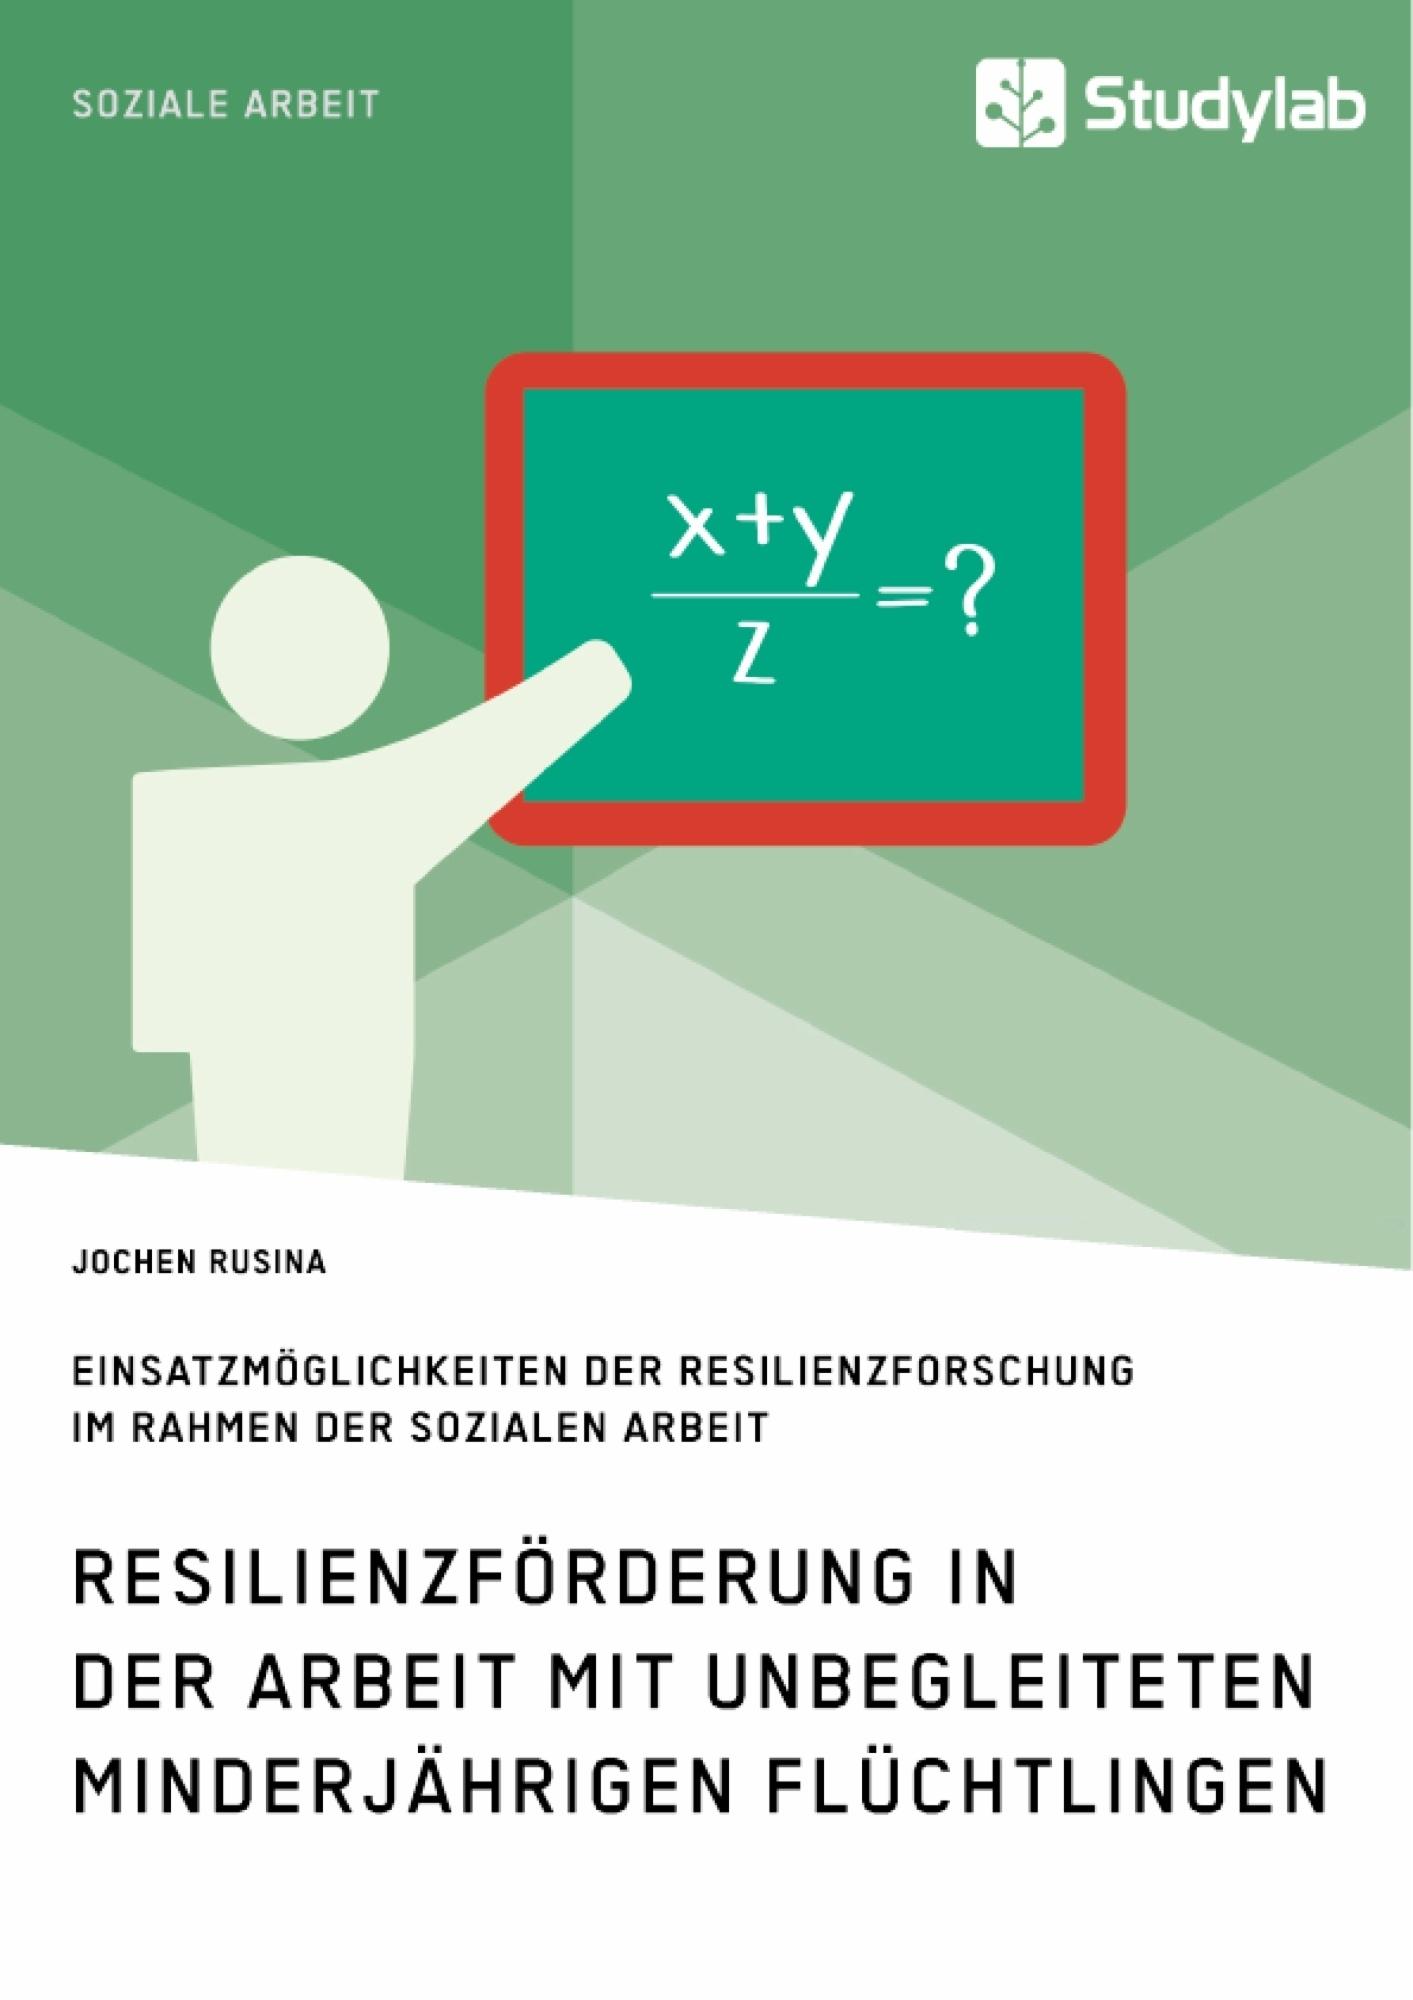 Titel: Resilienzförderung in der Arbeit mit unbegleiteten minderjährigen Flüchtlingen